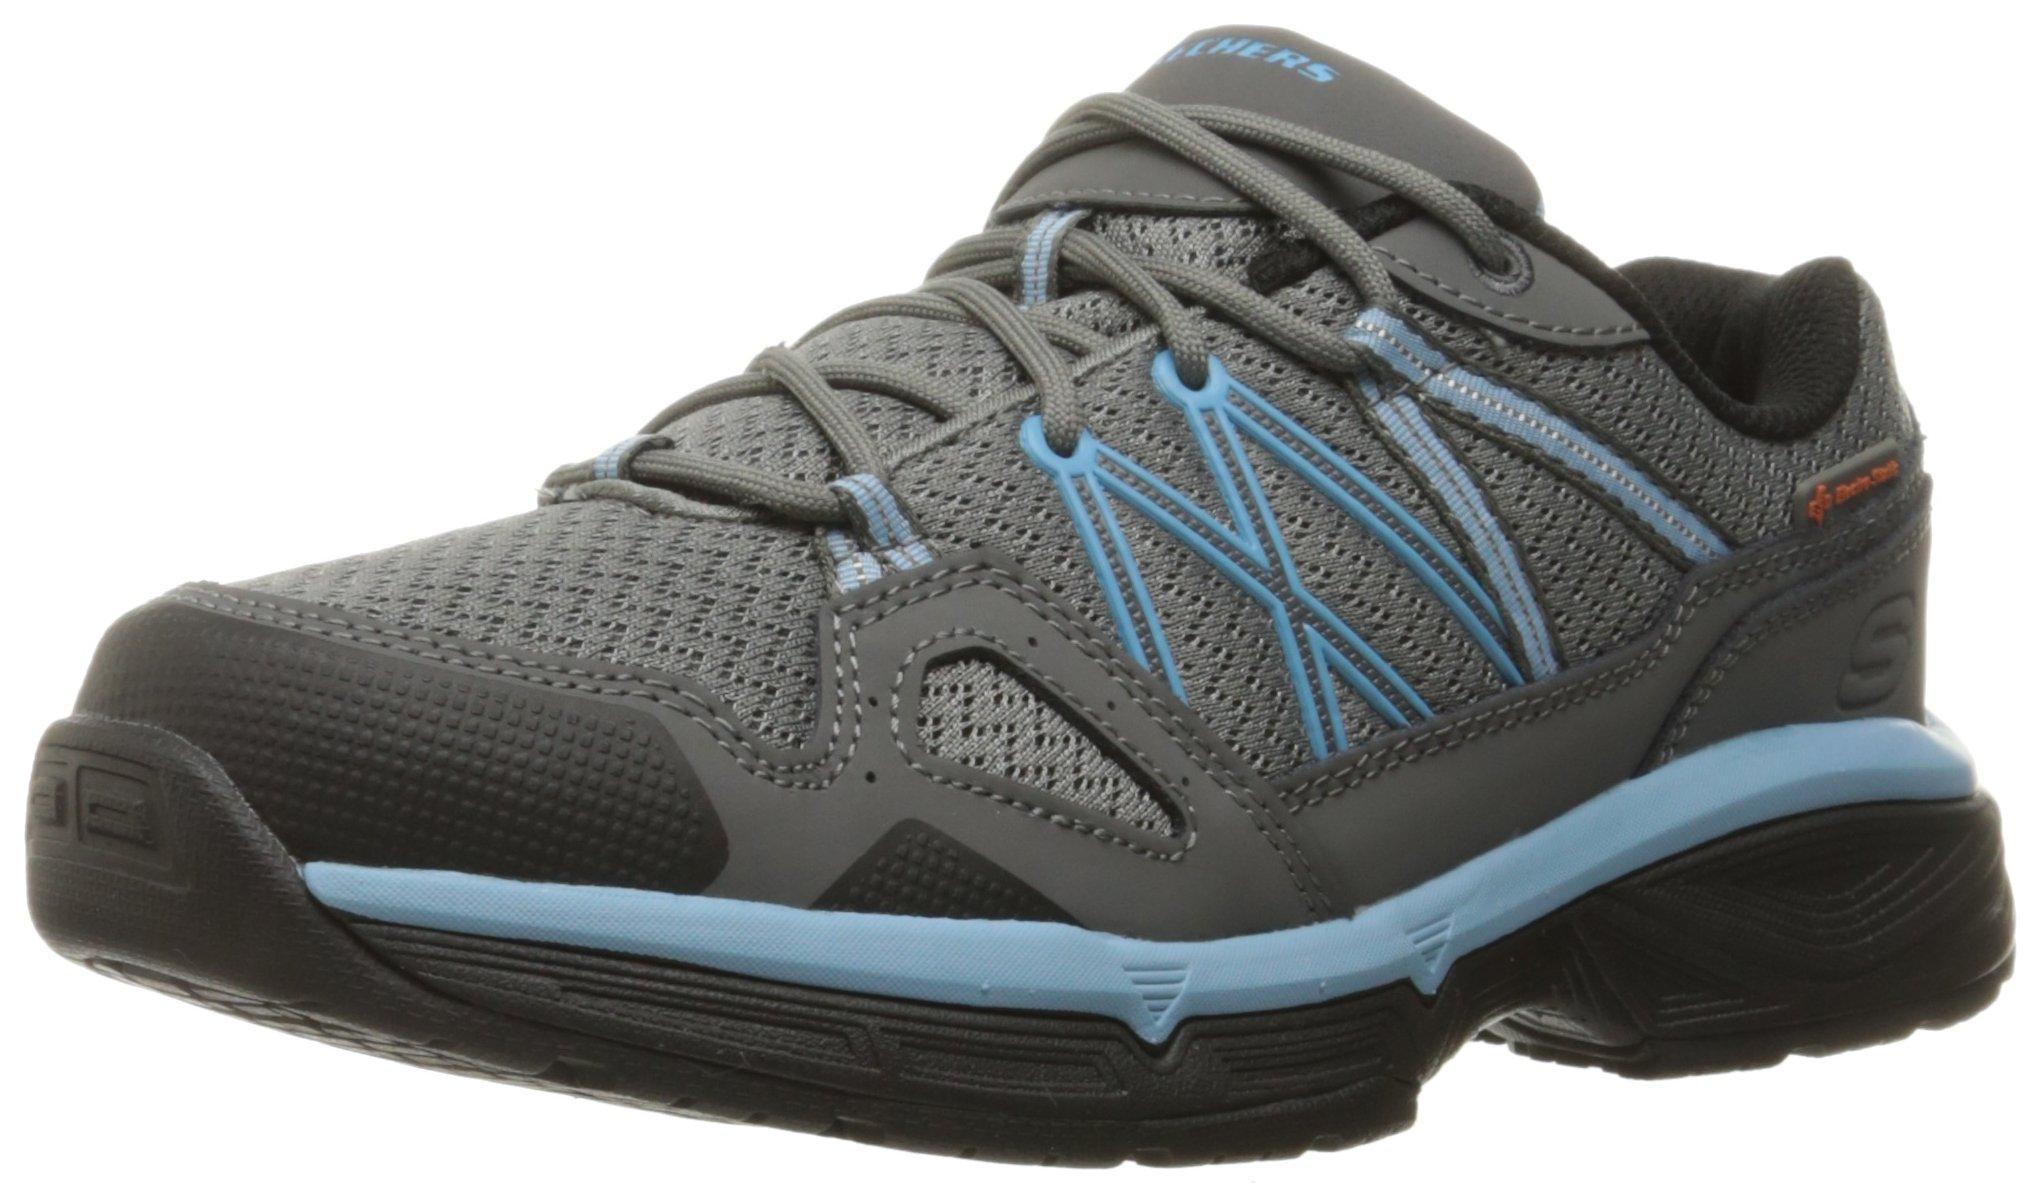 Skechers for Work Women's Conroe Abbenes Work Shoe,Gray/Blue,6 M US